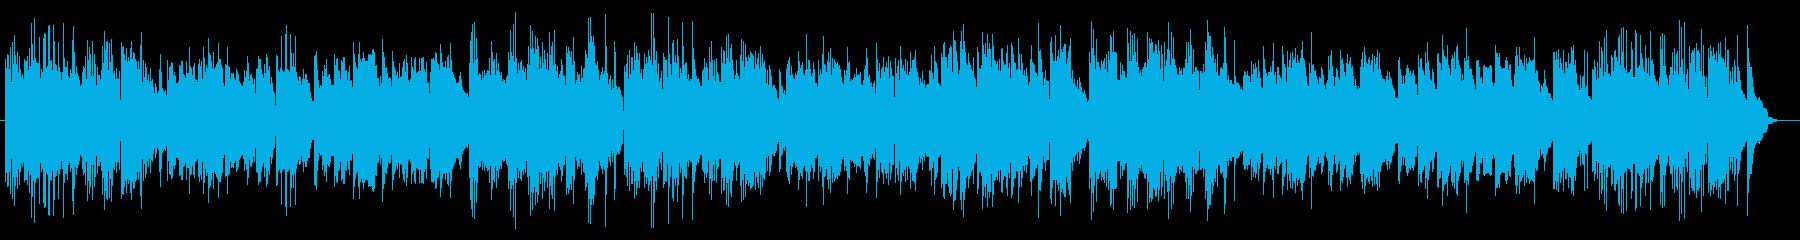 優しいピアノバラードの再生済みの波形